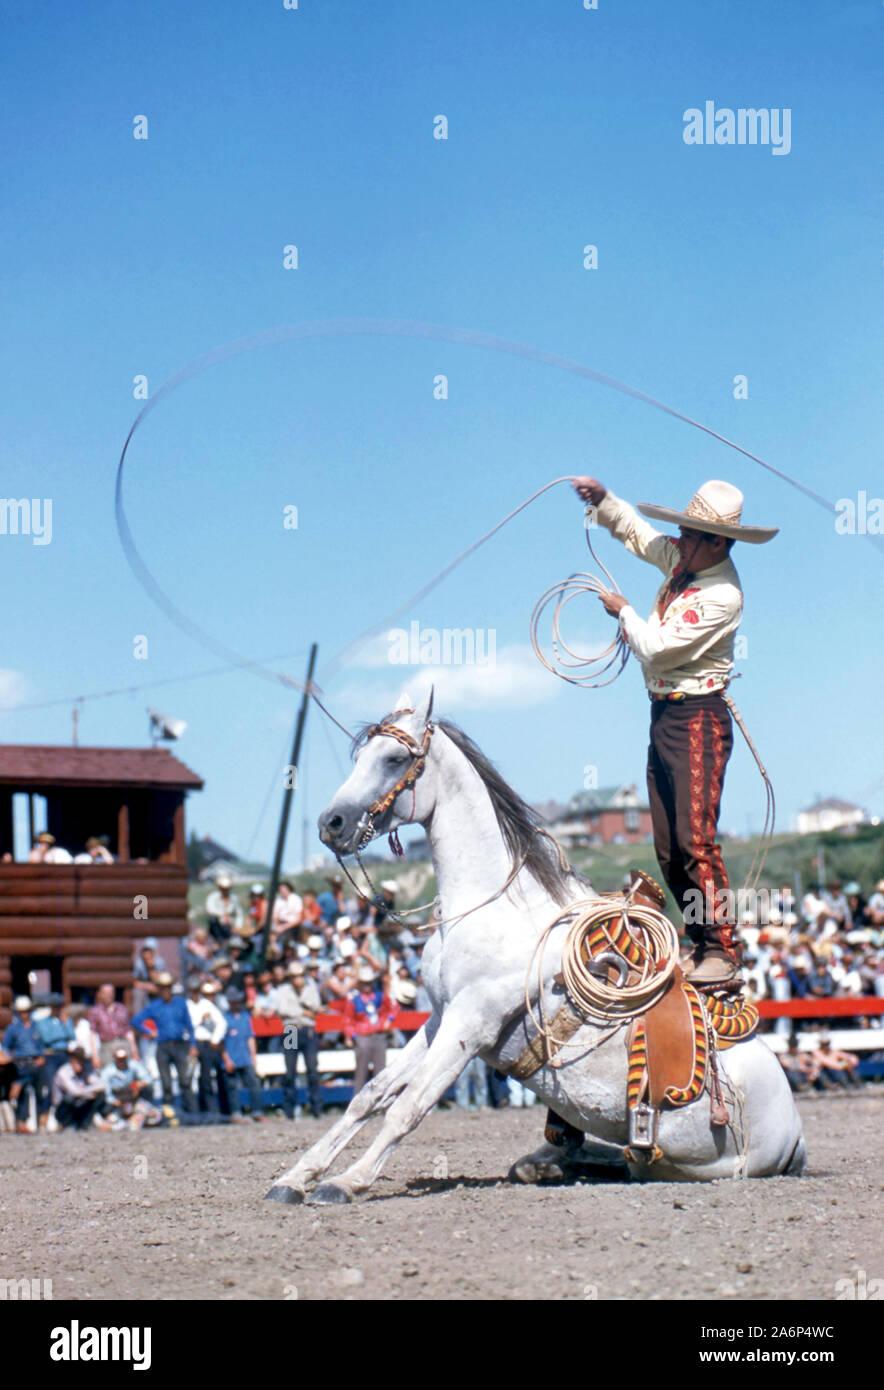 CALGARY, AB 9. JULI: Ein unbekannter Mann hat sein Pferd Knien wie er Seil Tricks bei der Calgary Stampede am 9. Juli 1954 in Calgary, Alberta, Kanada. (Foto von Hy Peskin) (Satz Anzahl: X1460) Stockfoto